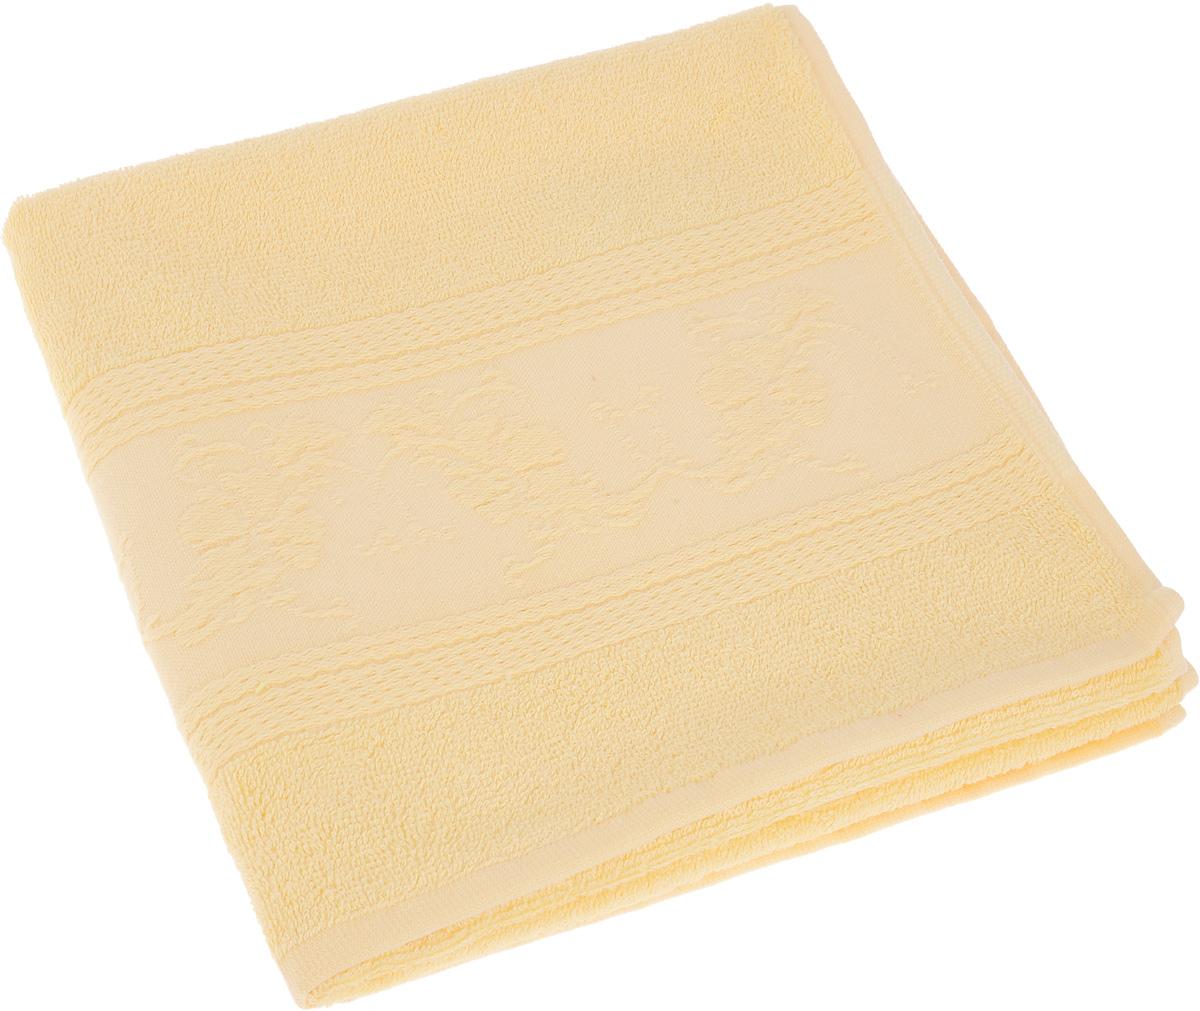 Полотенце Soavita Luxury. Цветы, цвет: желтый, 50 х 70 см51708Полотенце Soavita Luxury. Цветы выполнено из 40% хлопка и 60% бамбука. Изделие отлично впитывает влагу, быстро сохнет, сохраняет яркость цвета и не теряет форму даже после многократных стирок. Полотенце очень практично и неприхотливо в уходе. Оно создаст прекрасное настроение и украсит интерьер в ванной комнате.